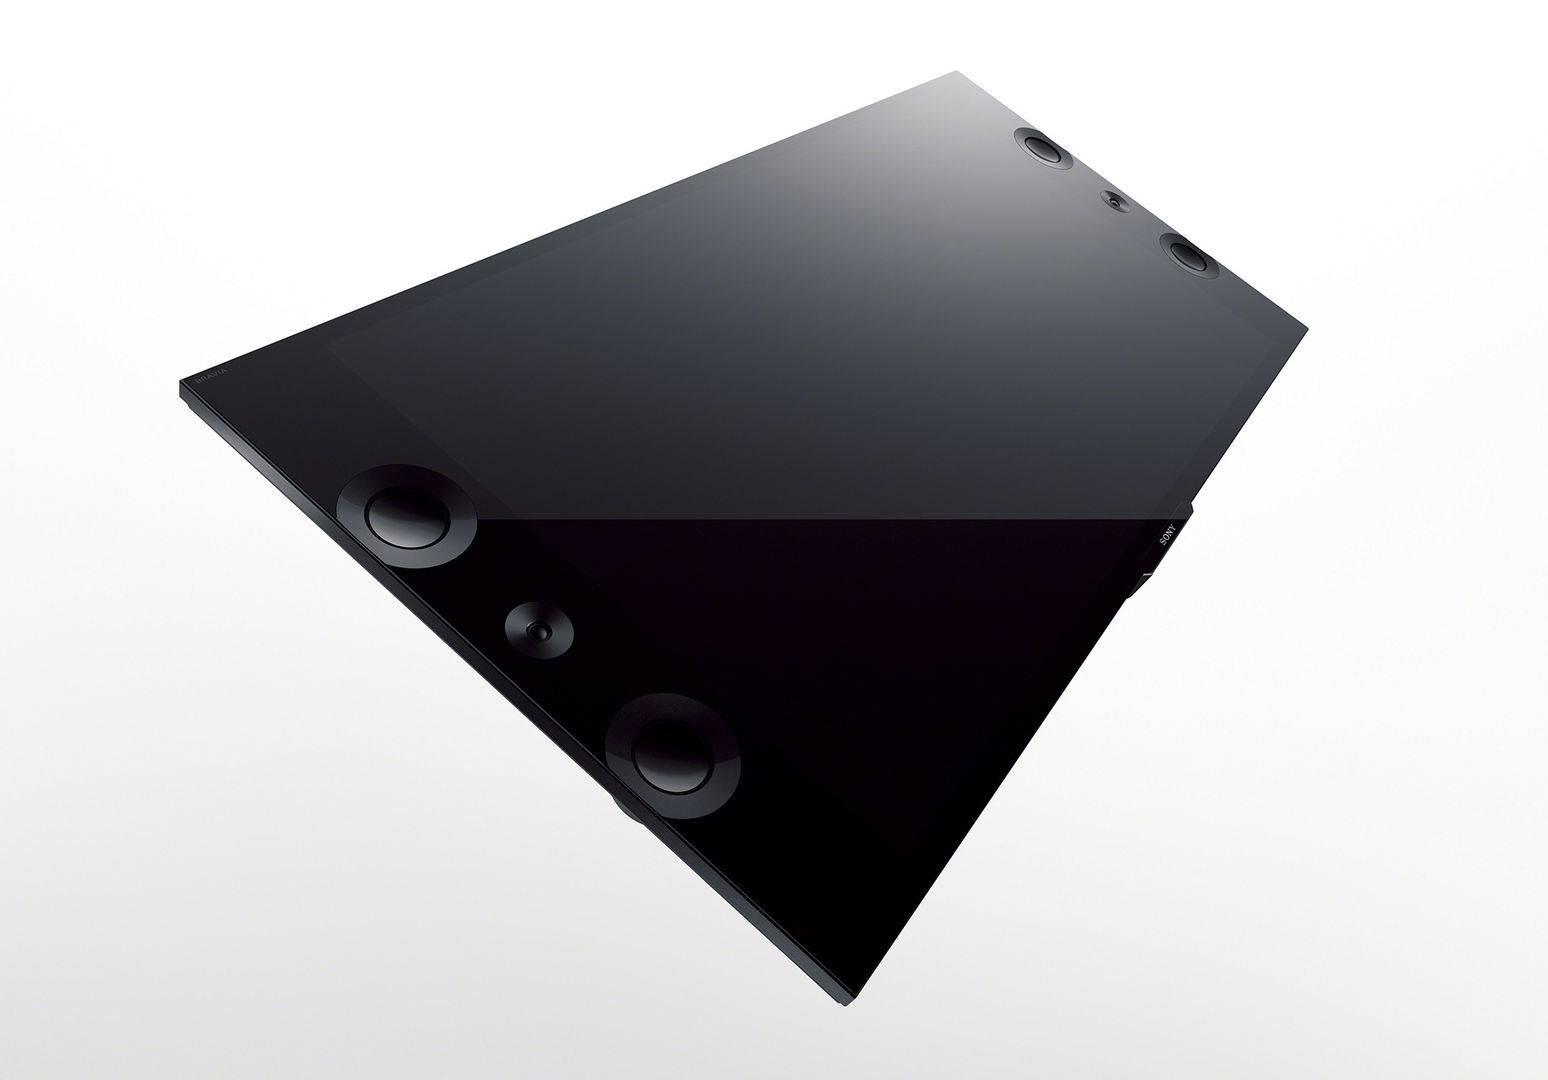 Bravia X9000A sony 2